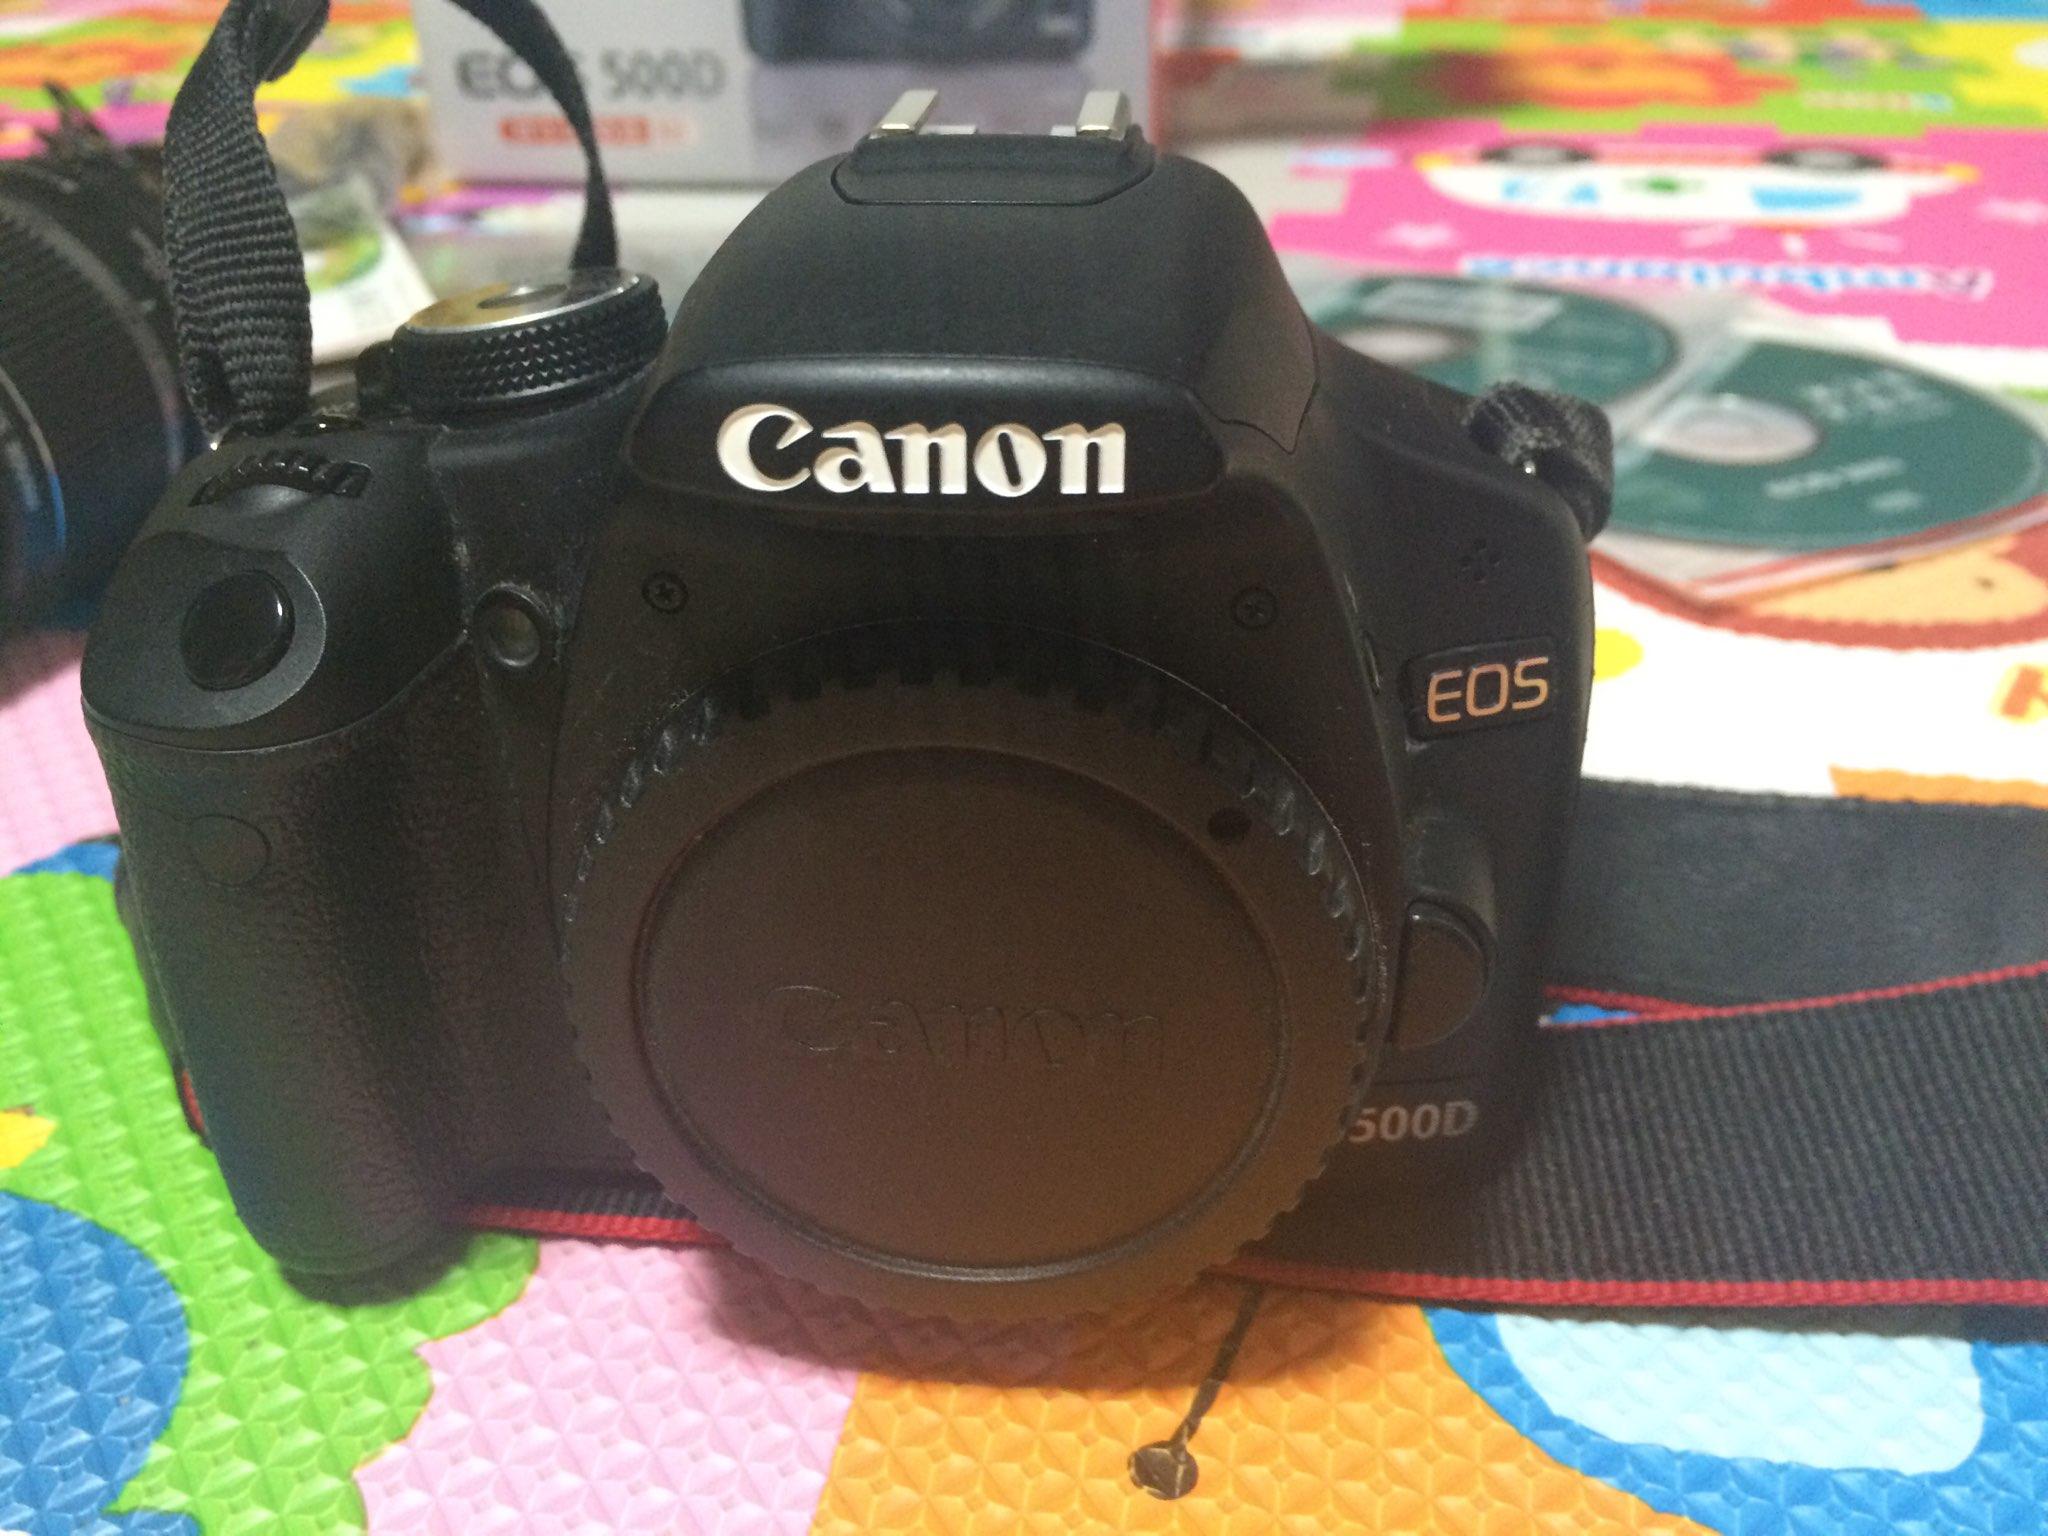 camera04.jpg